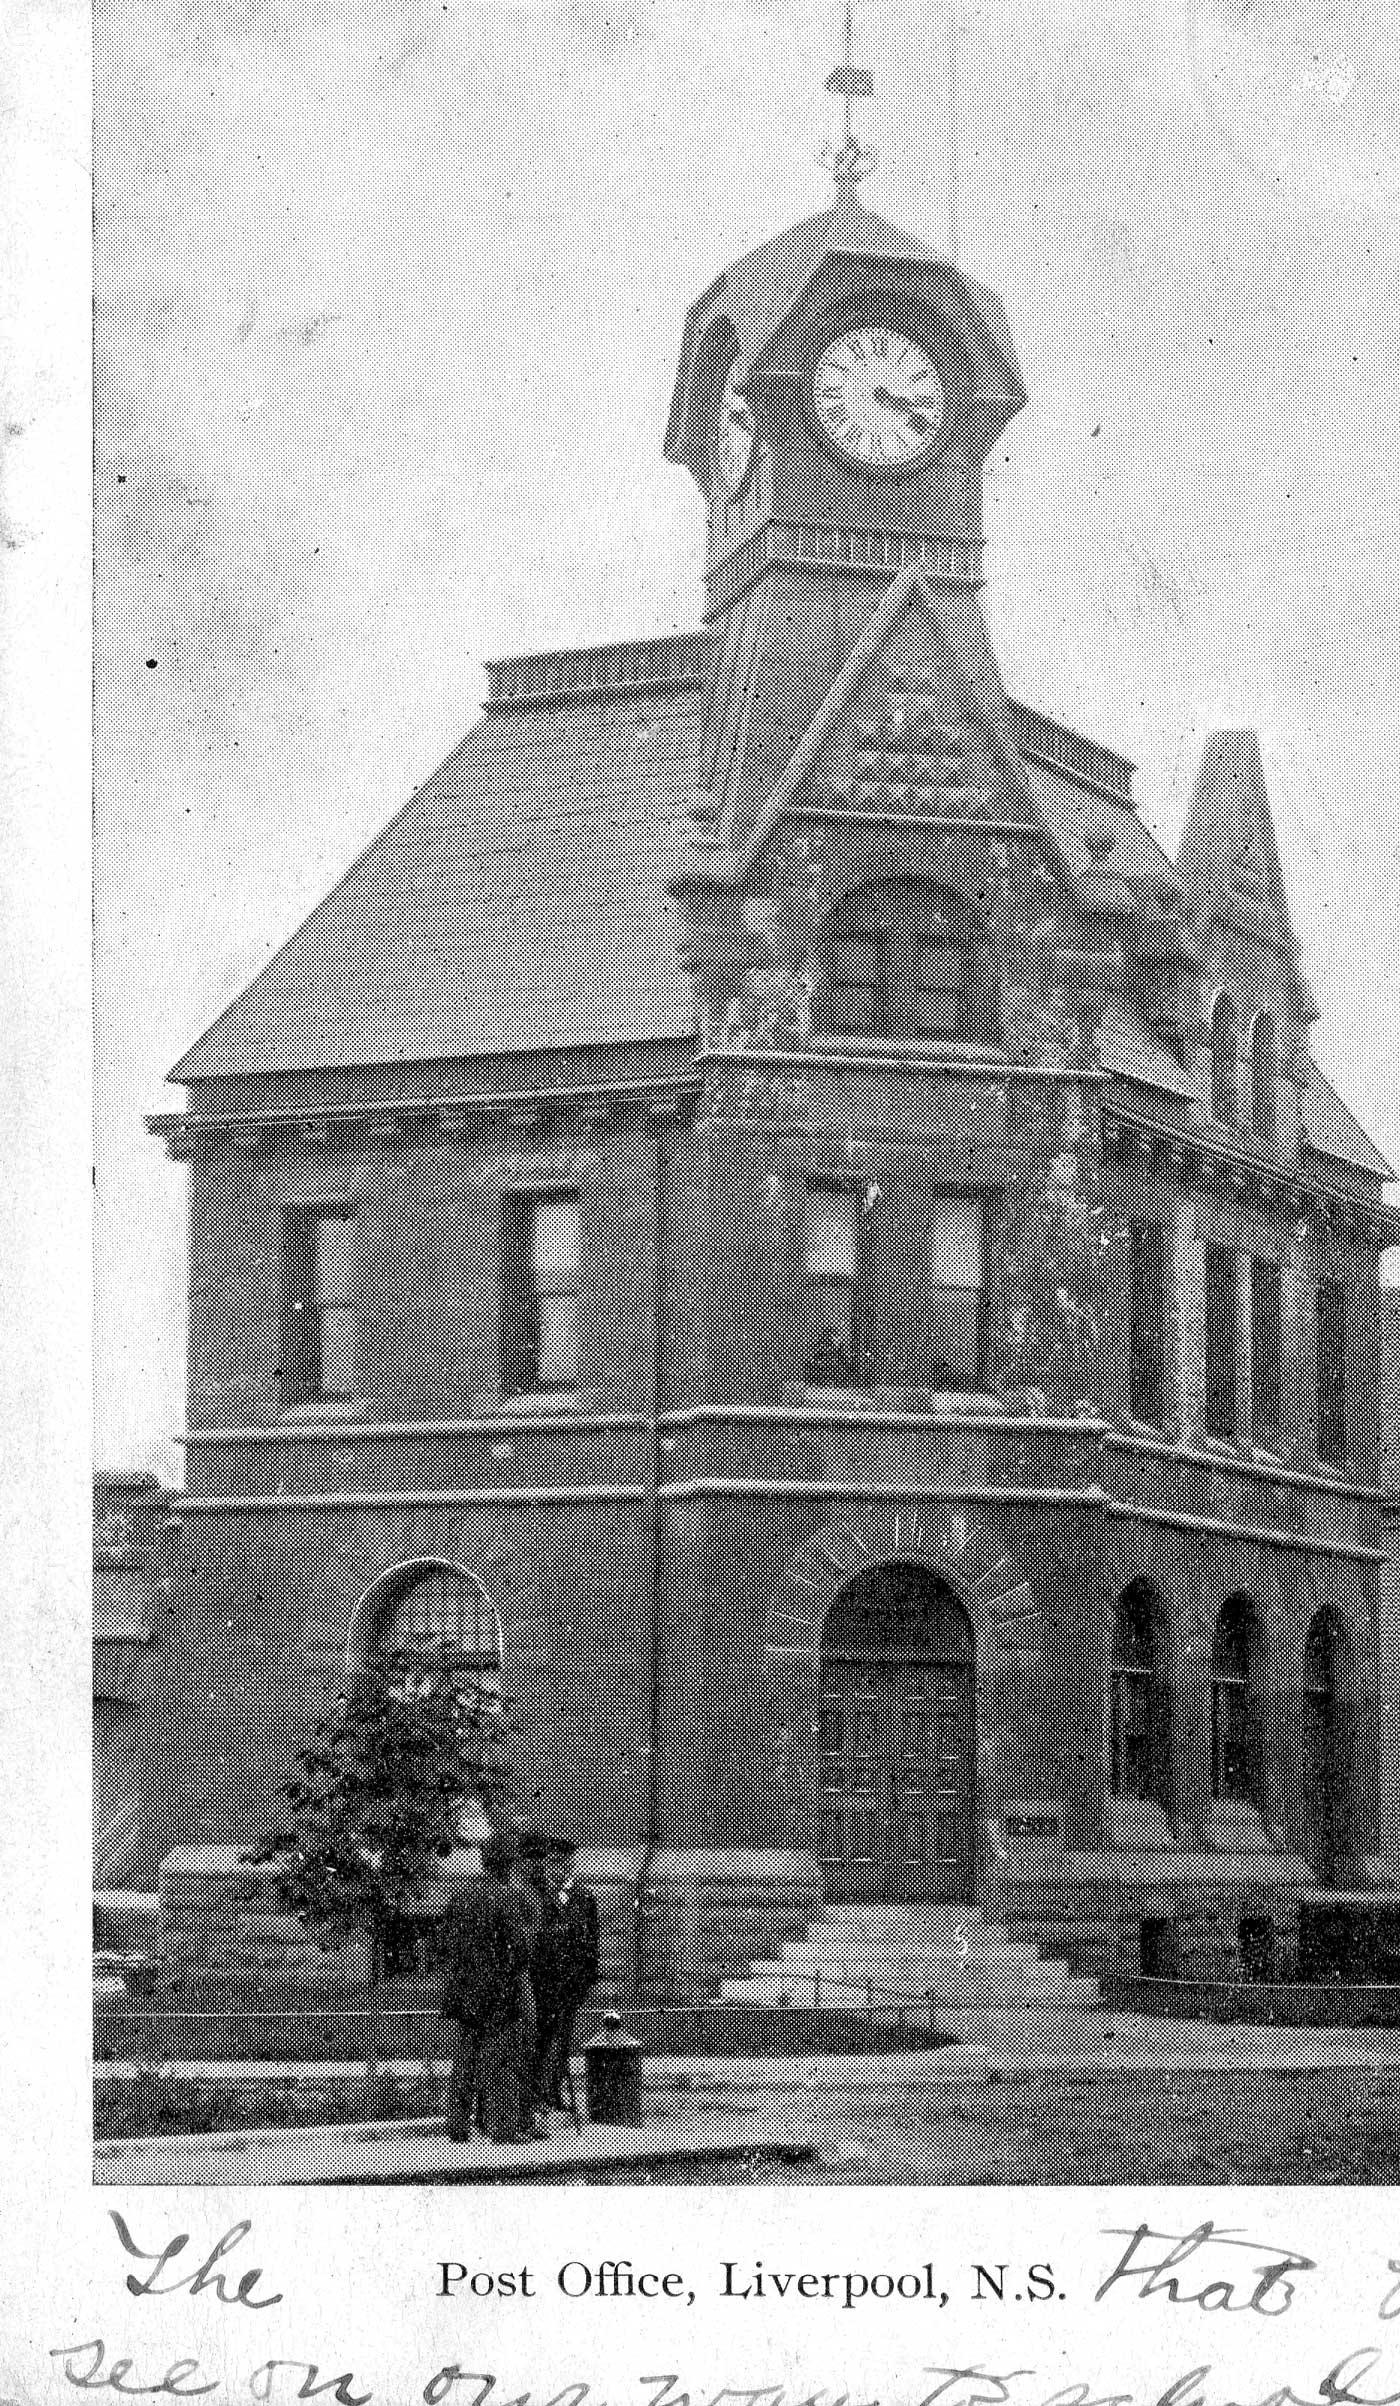 Liverpool Post Office, Nova Scotia